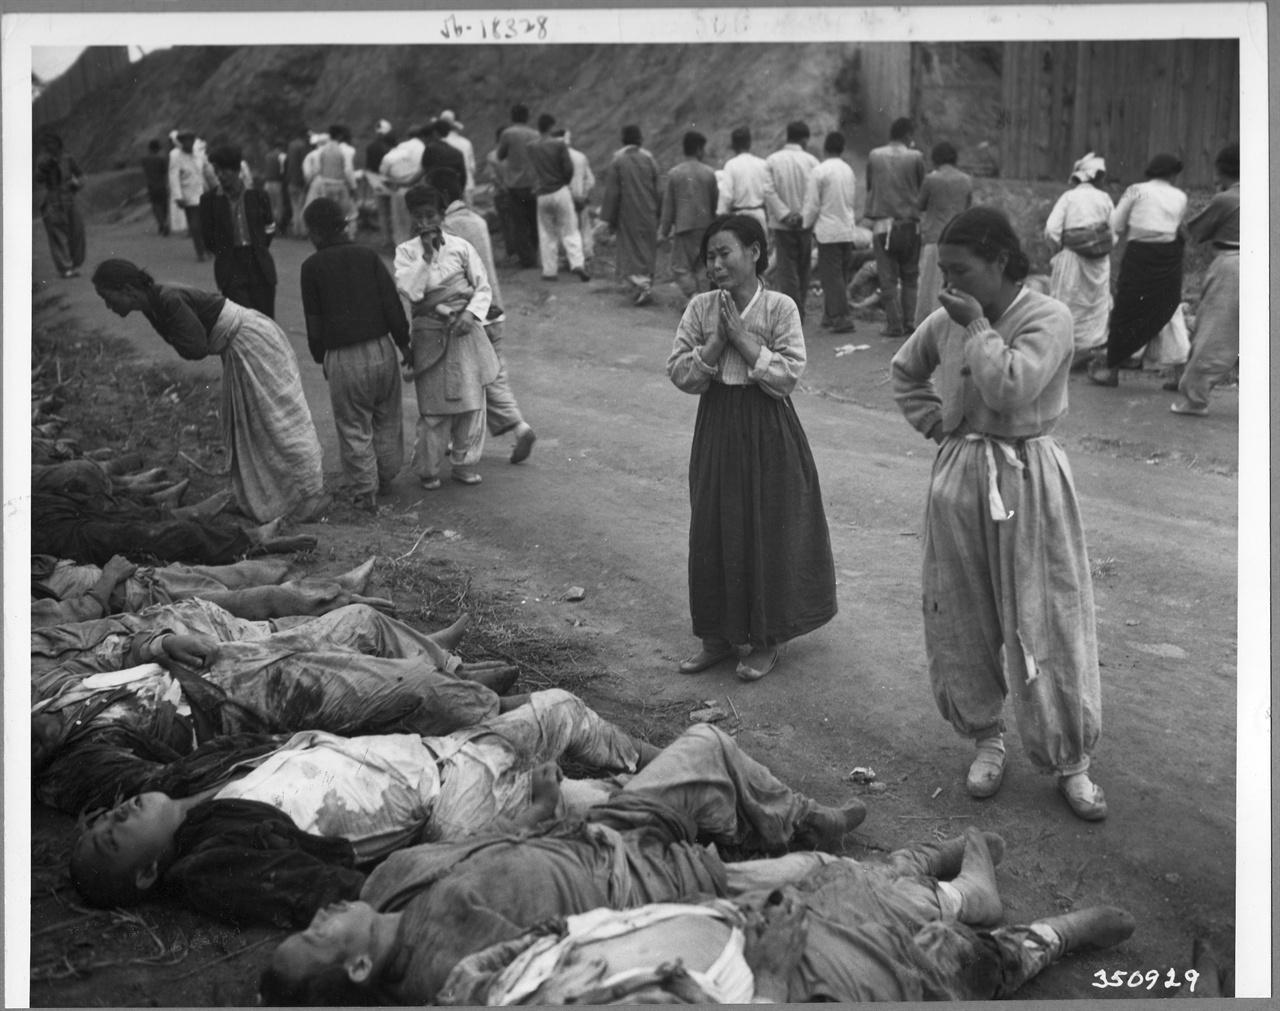 1950. 10. 19. 함흥, 300여 명의 정치범이 동굴에 불법 감금되어 질식해 죽었다. 유엔군이 점령한 뒤 이 시신들을 동굴에서 꺼내 늘어놓자 유족들이 가족을 확인하며 울부짖고 있다.